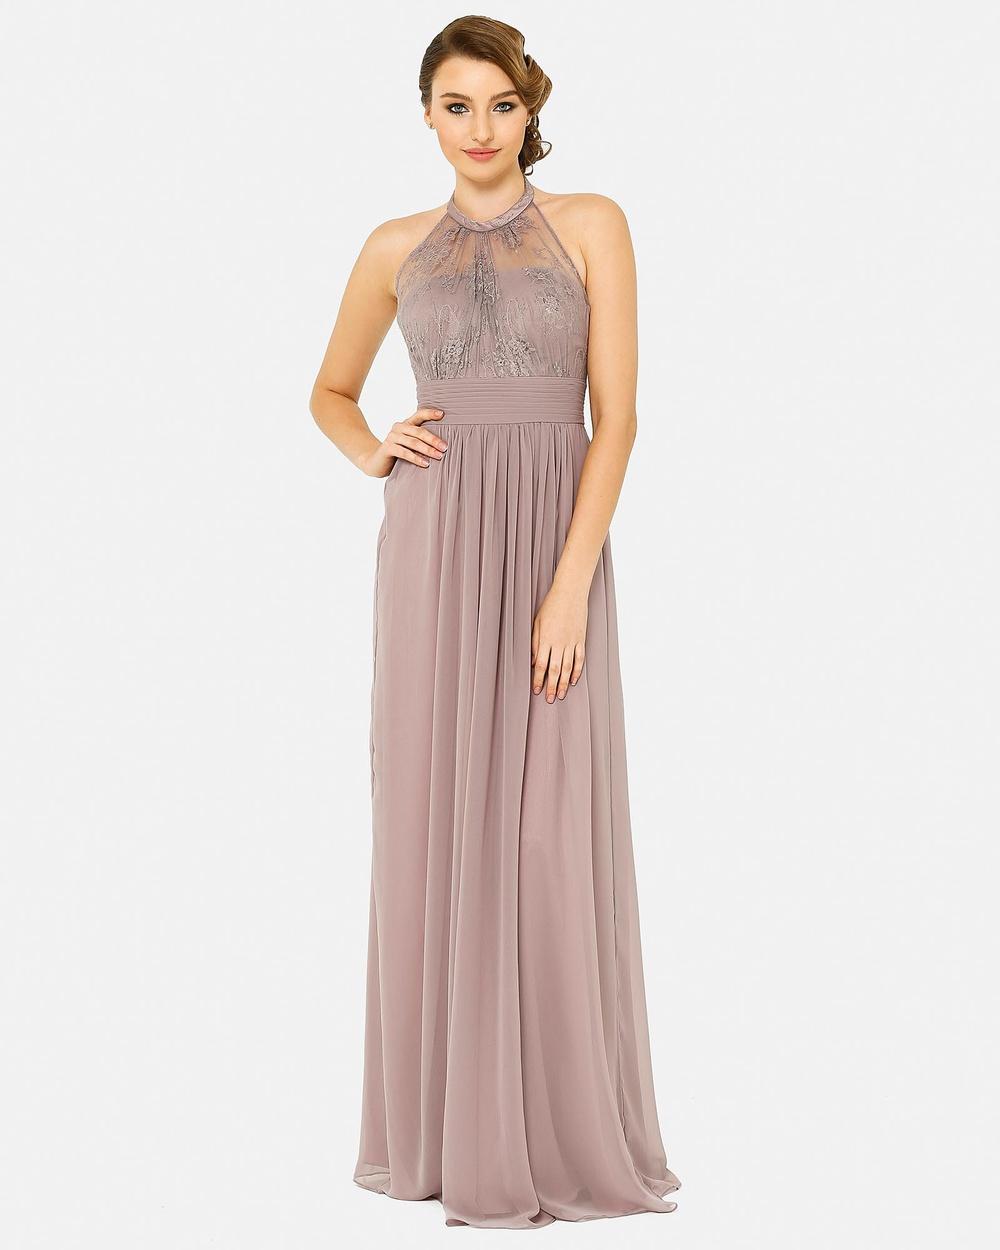 Tania Olsen Designs Harlow Dress Bridesmaid Dresses Purple Harlow Dress